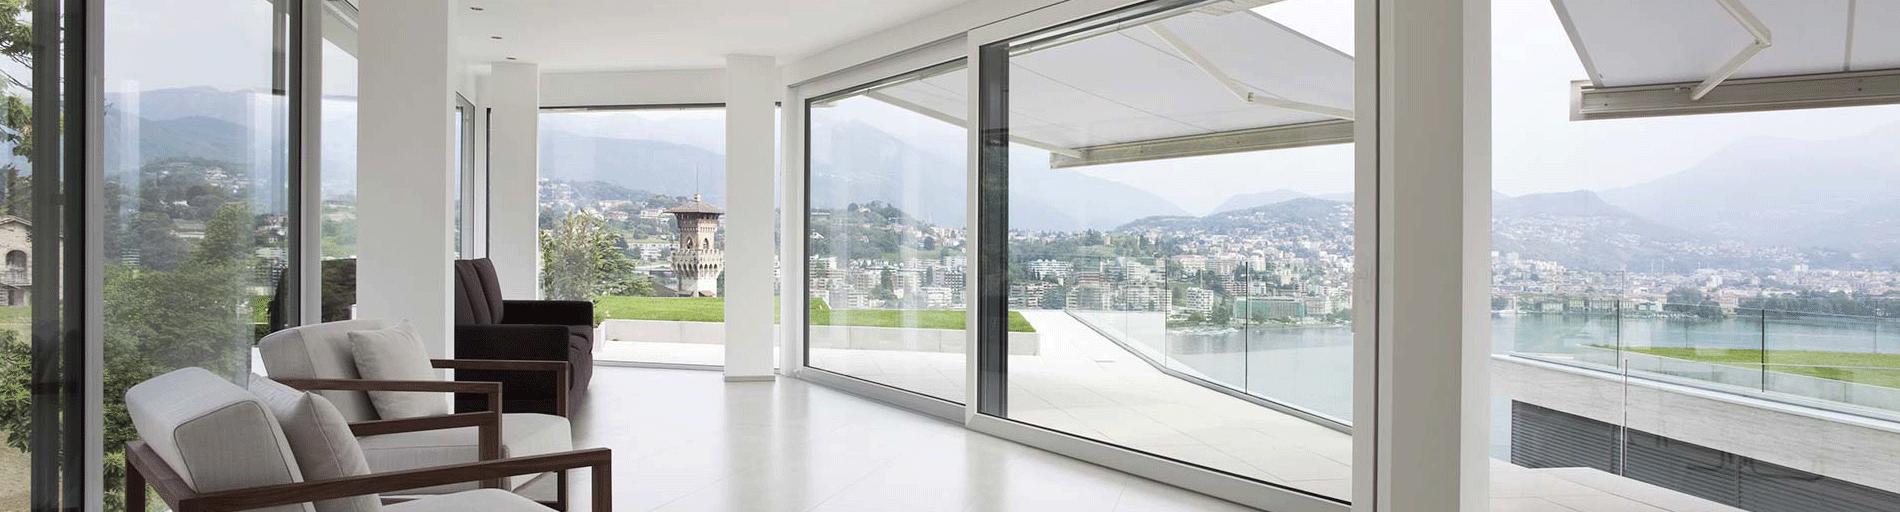 Slajder okna Końskie widok strony